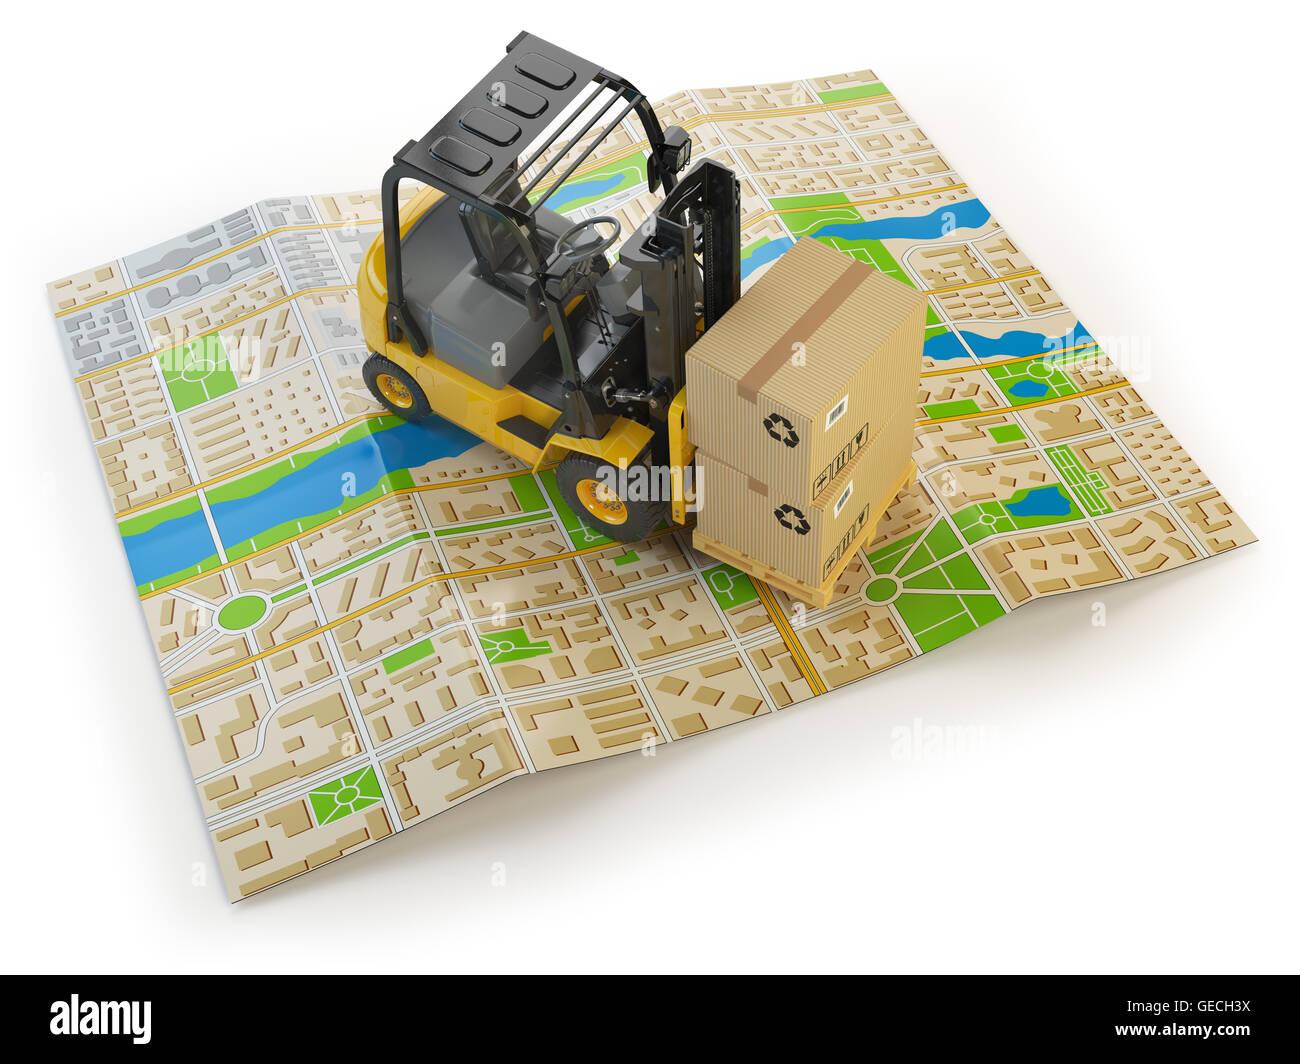 Carretilla elevadora con cajas de cartón en el mapa de la ciudad aislado en blanco. Concepto de entrega de Imagen De Stock